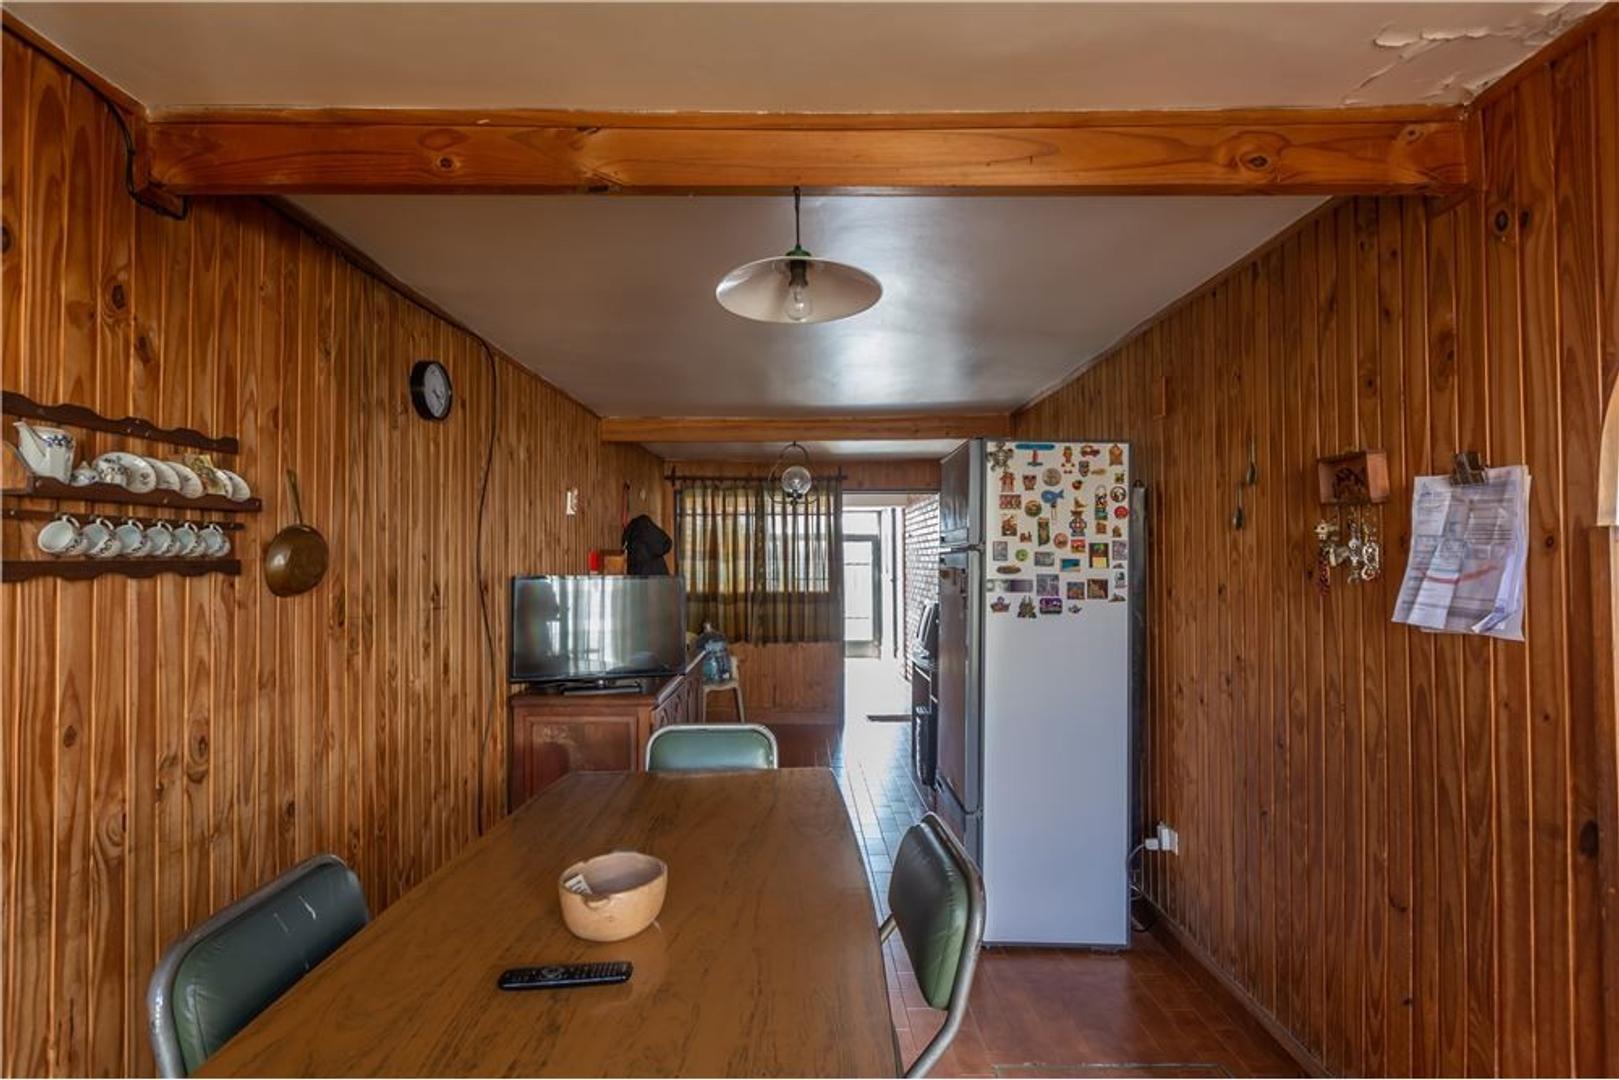 Casa - 188 m²   4 dormitorios   49 años